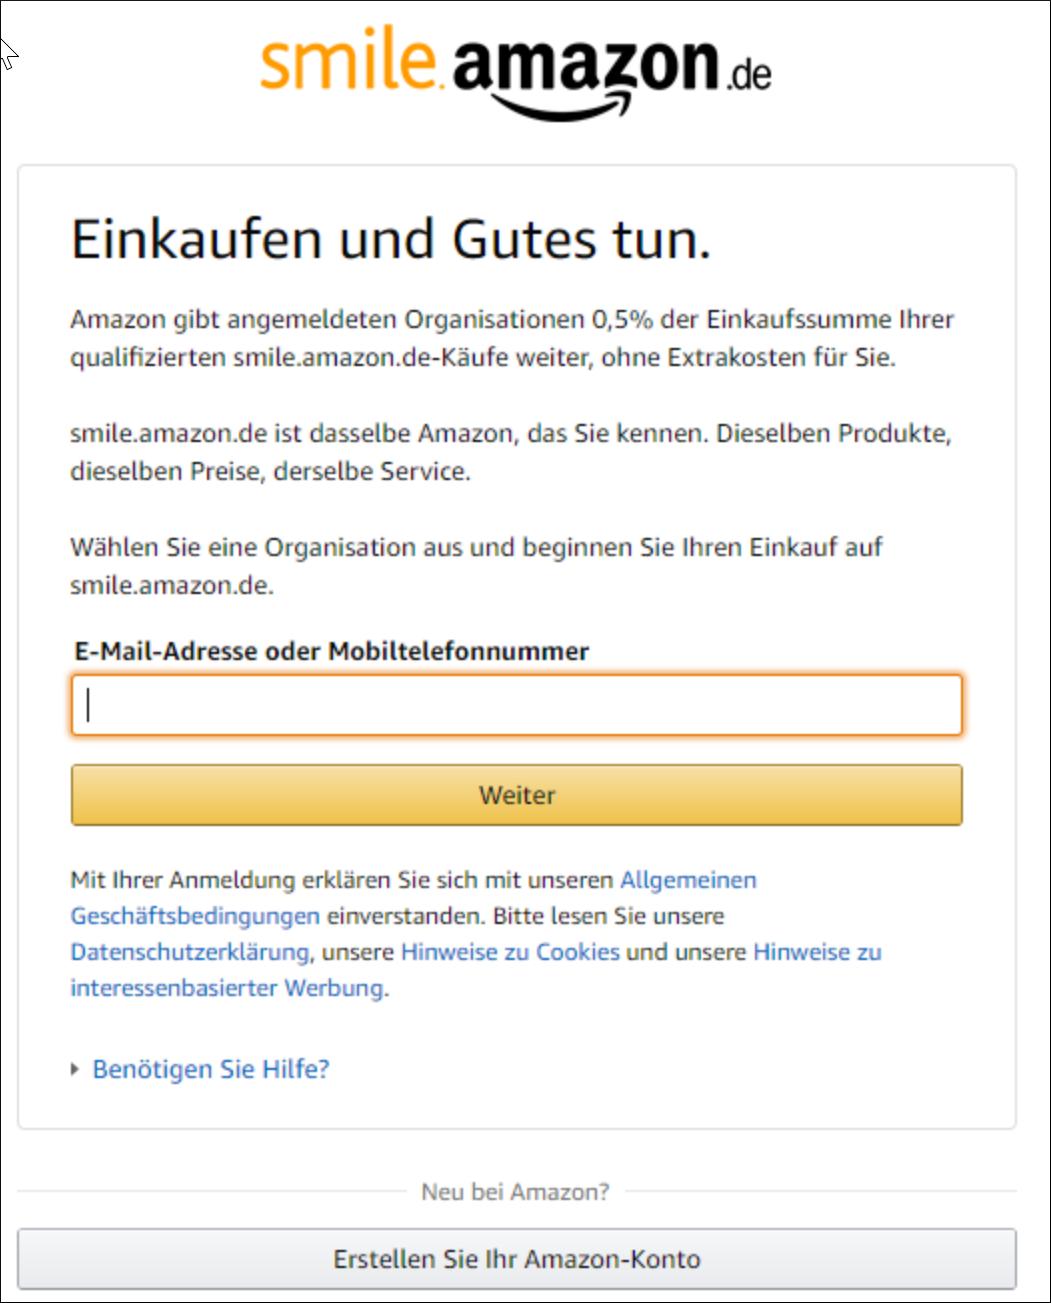 Schritt 1: E-Mail-Adresse eingeben